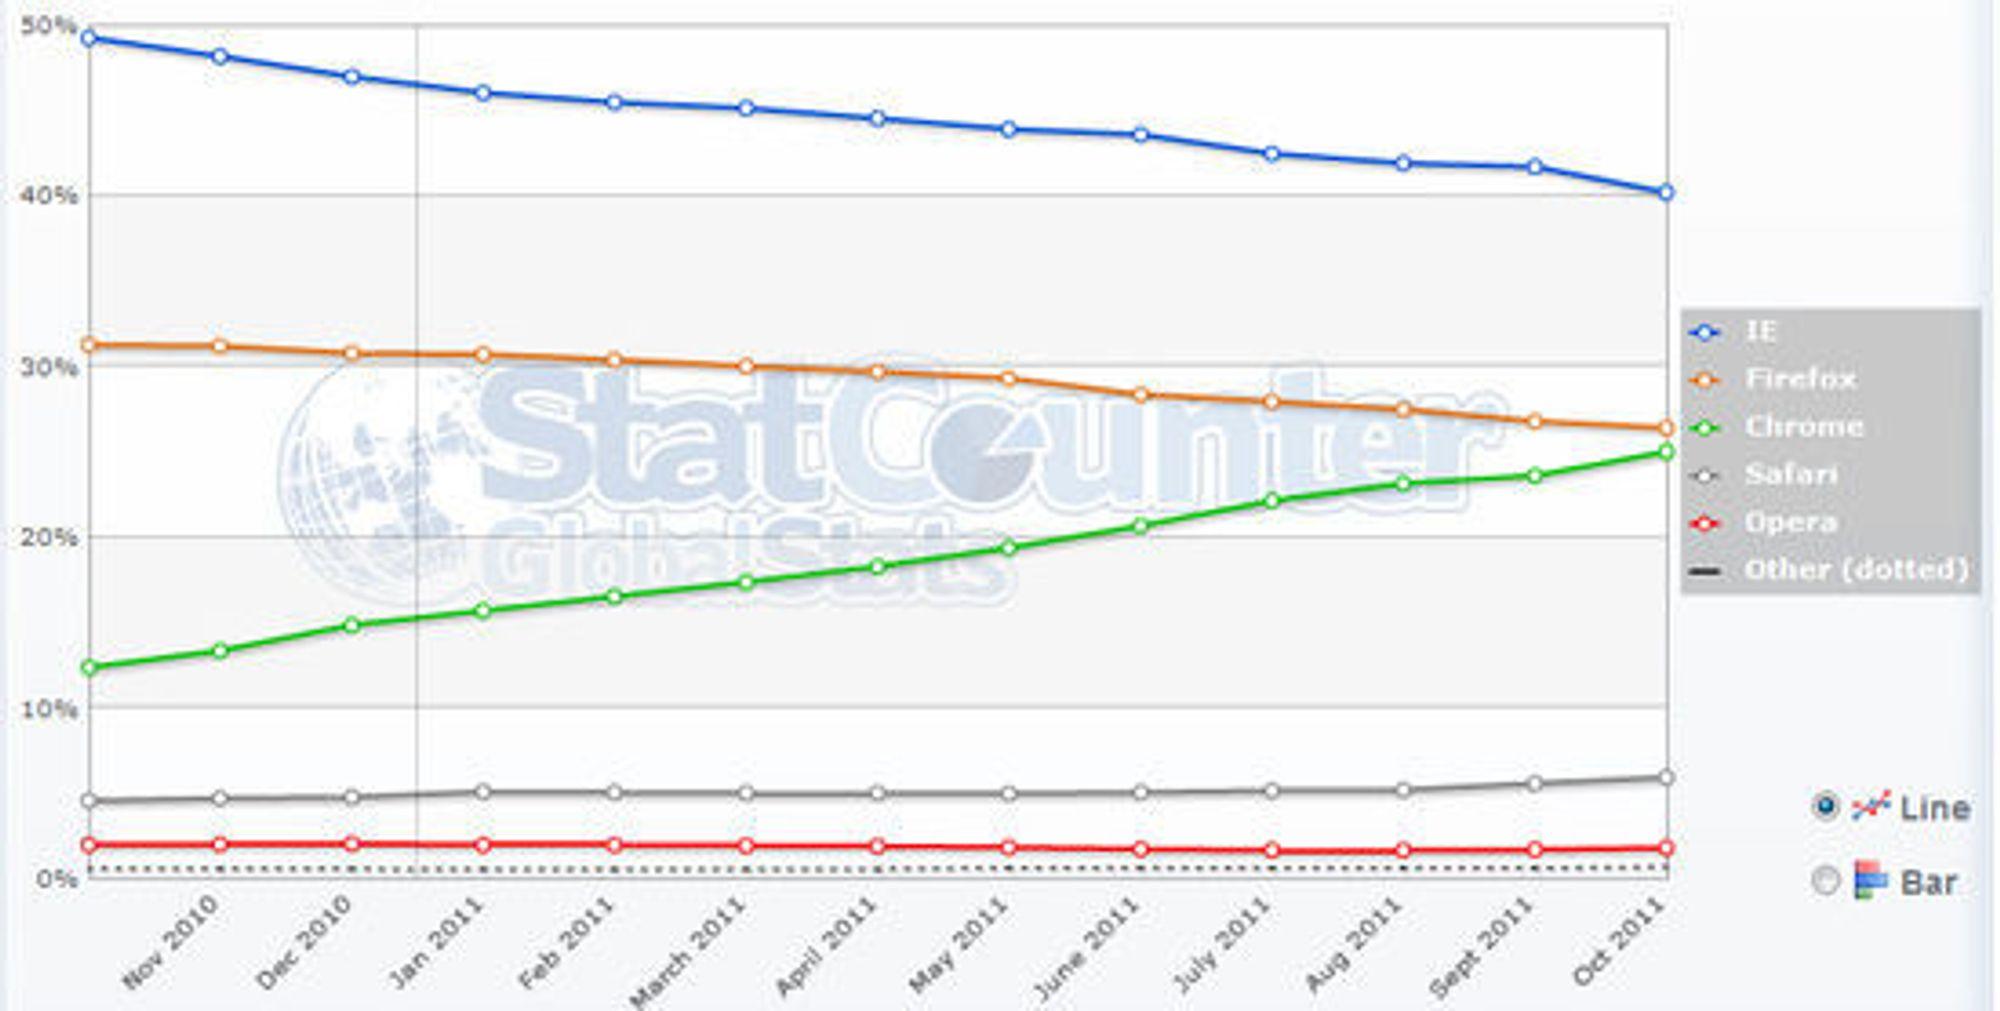 Nettleserandeler hos StatCounter fram til og med oktober 2011.